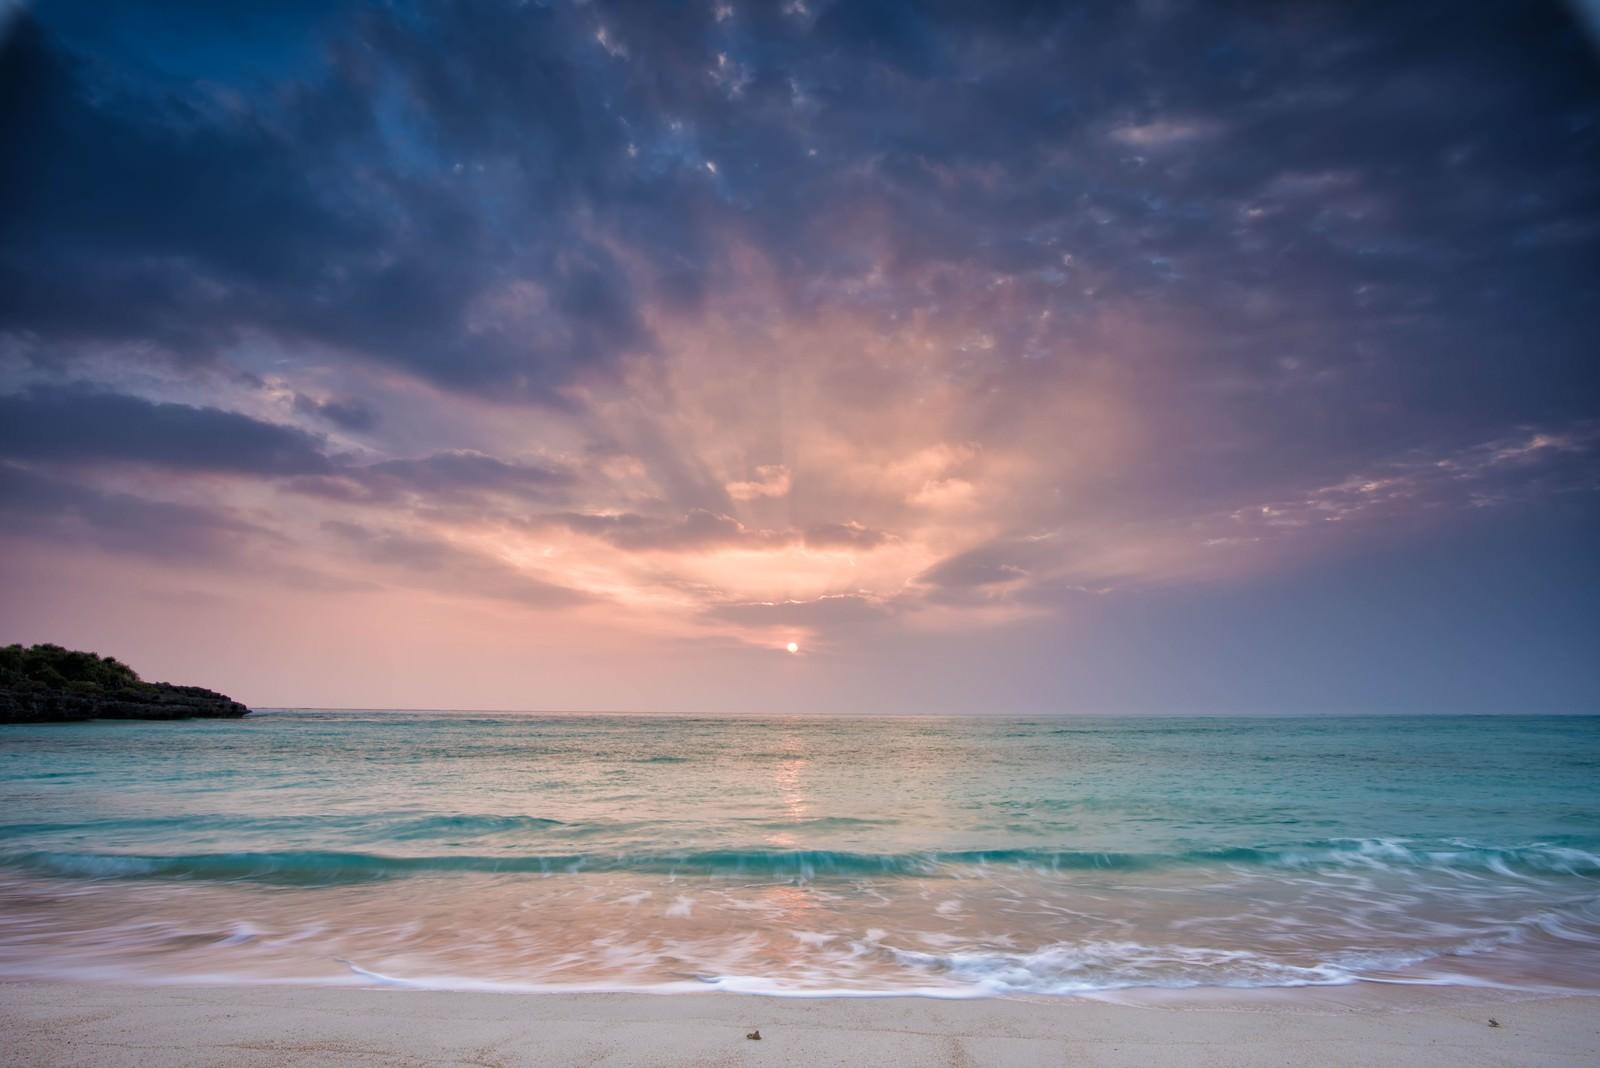 ヨロン(与論島)の夜明けのフリー素材